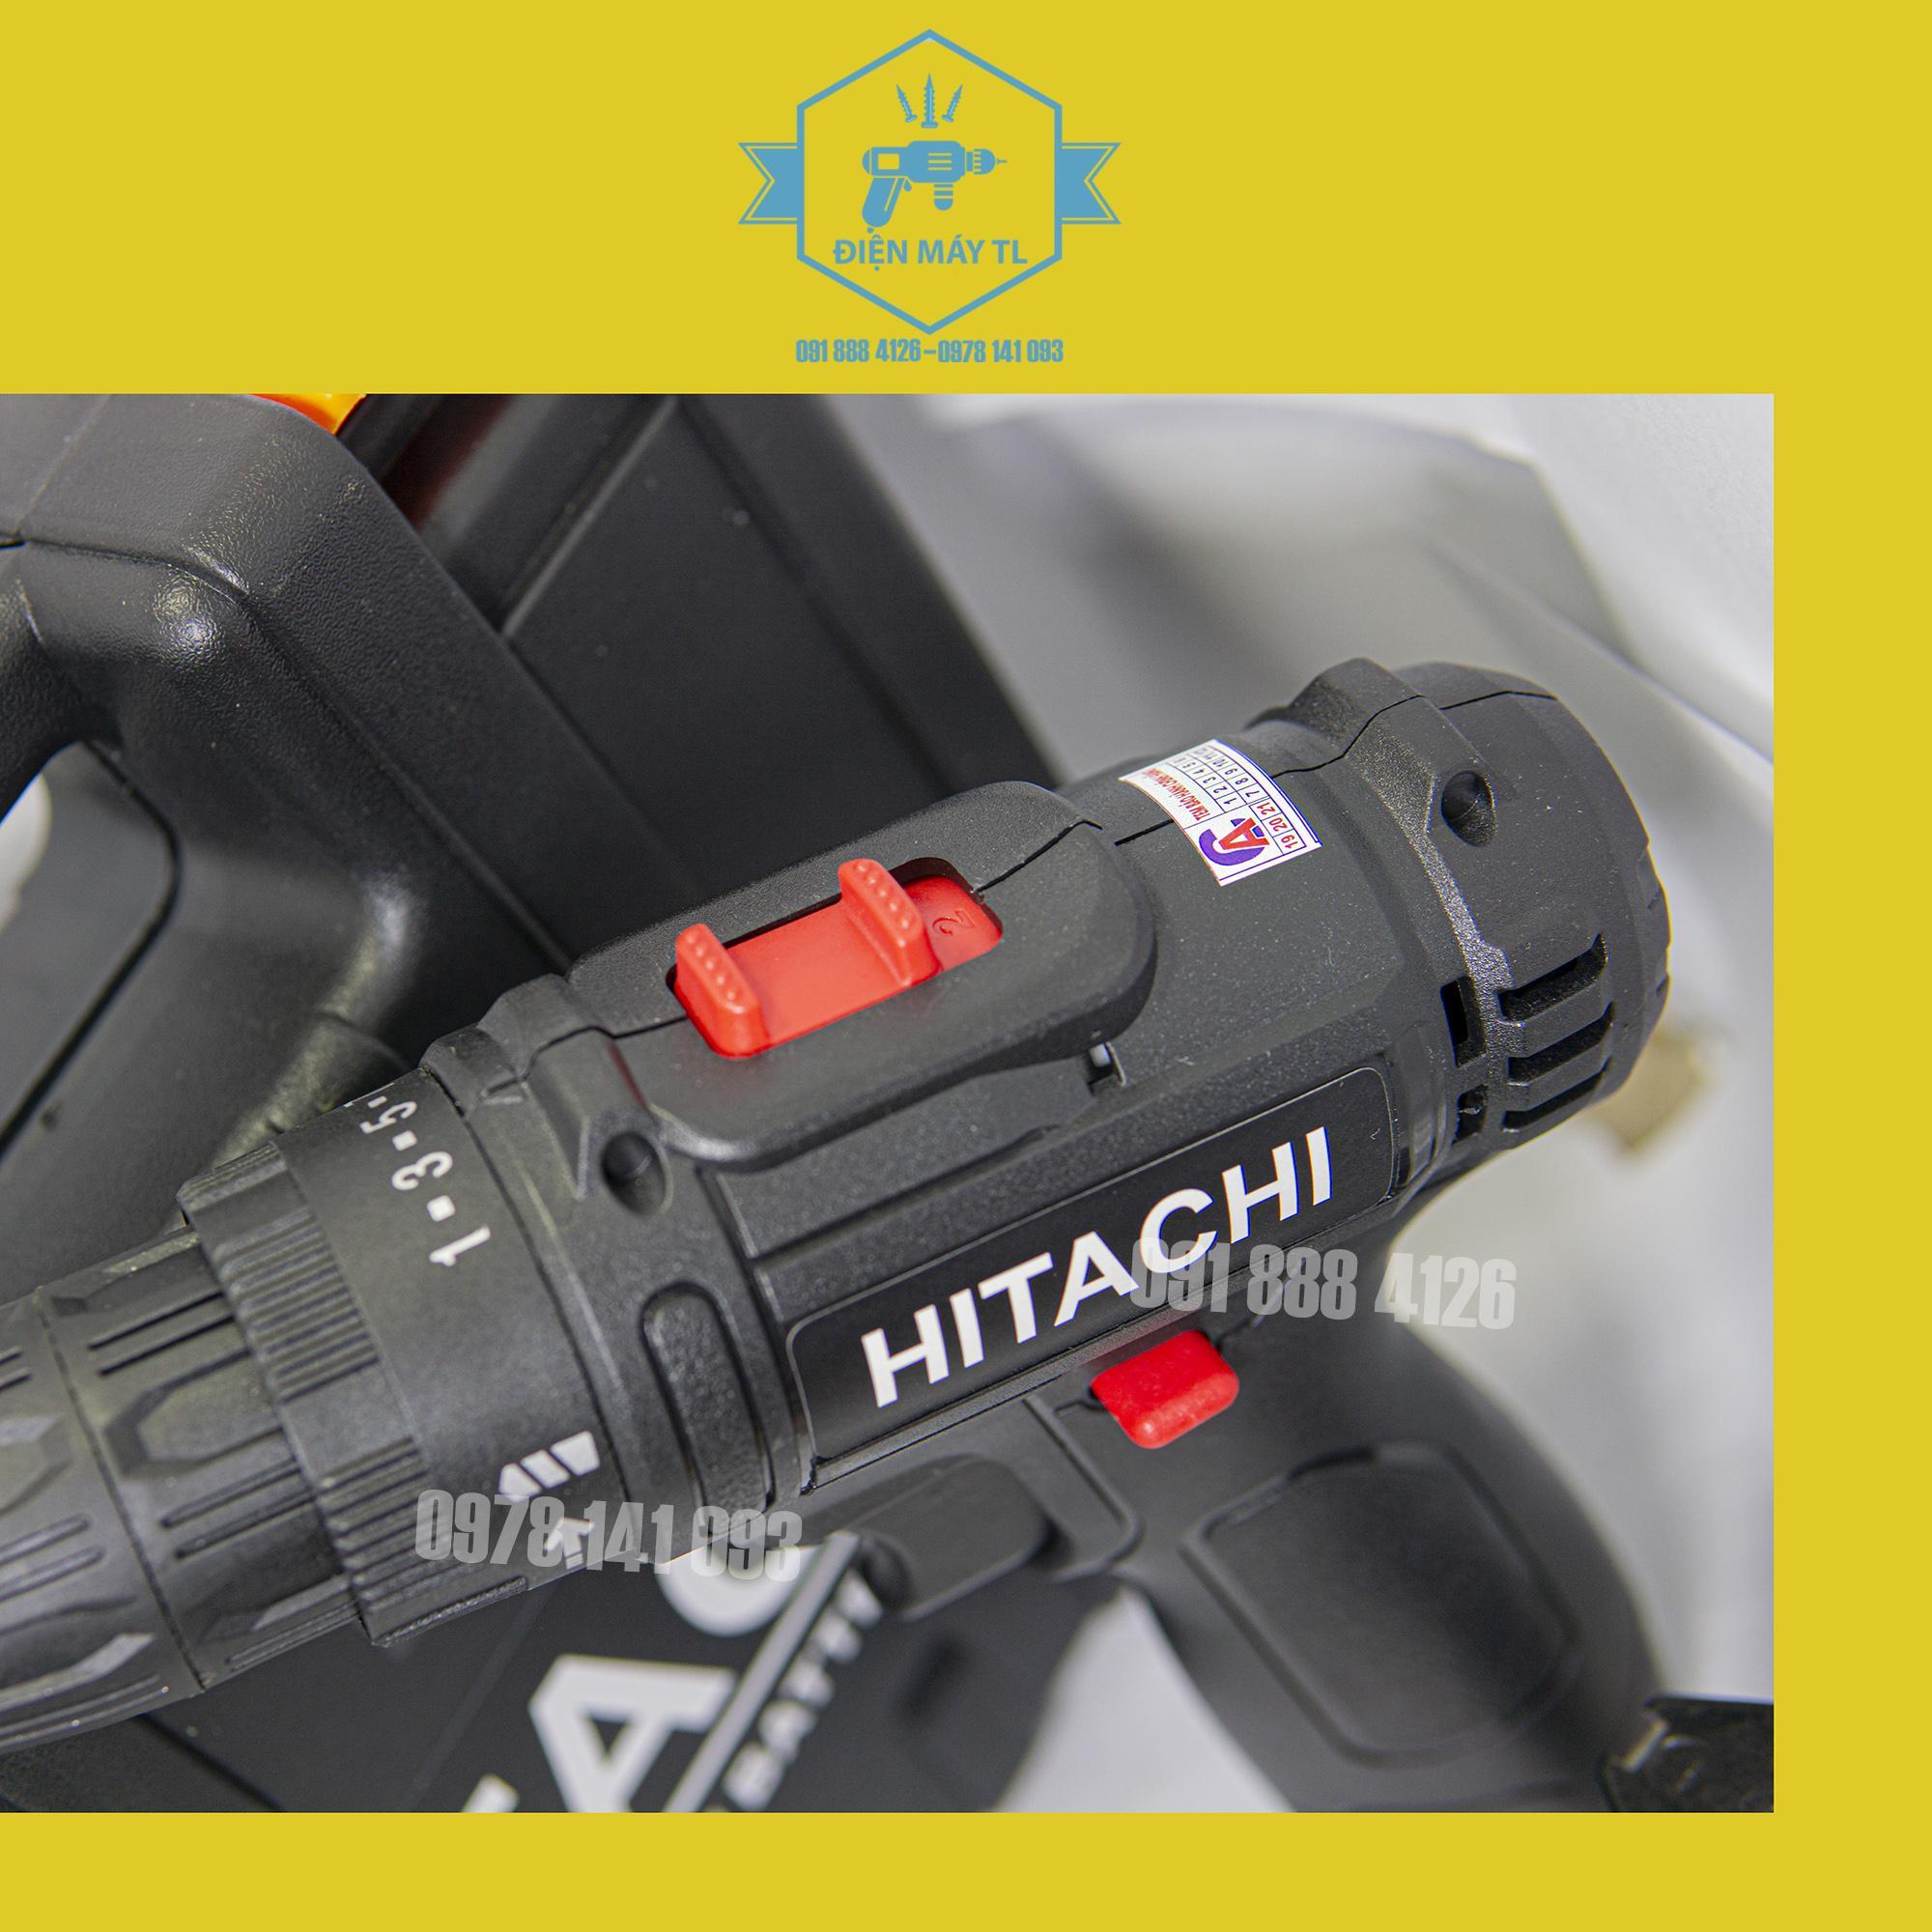 Máy khoan pin hitachi 12v tặng kèm mũi vít 4 cạnh 2 đầu , và mũi bắn tôn, cam kết lõi đồng 100%